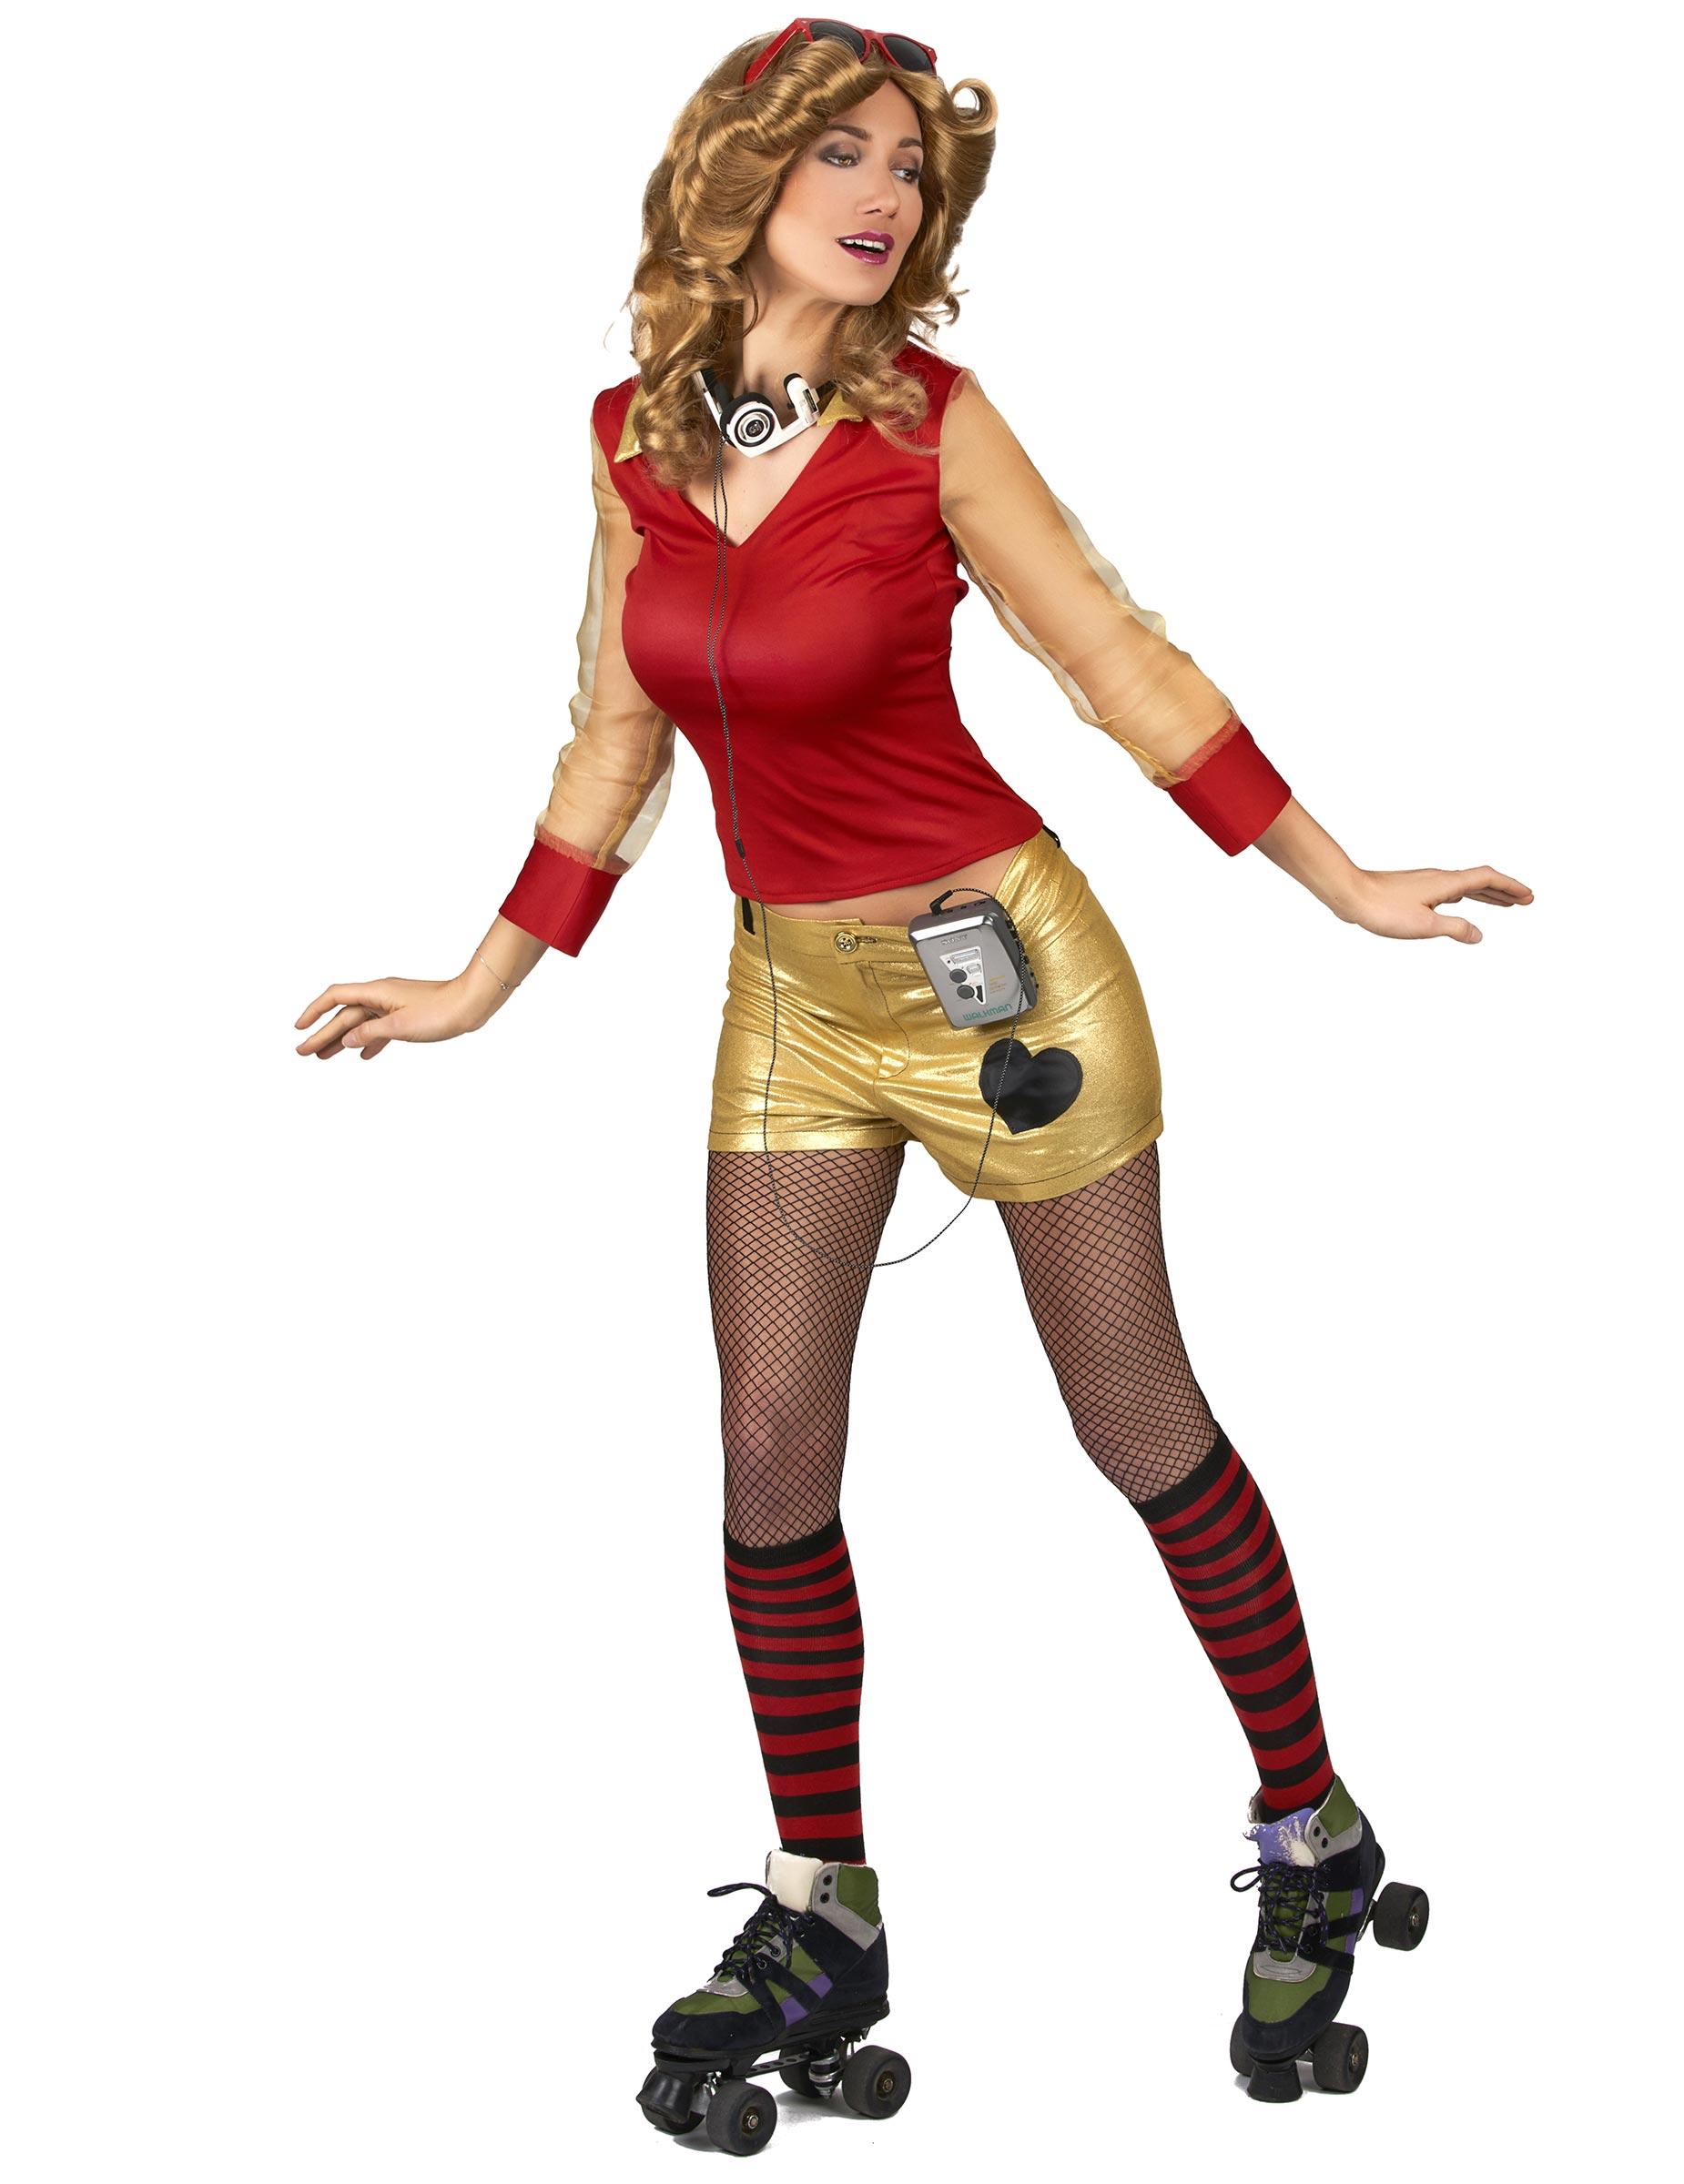 Costume da donna anni u0026#39;80 dorato e rosso Costumi adultie vestiti di carnevale online - Vegaoo